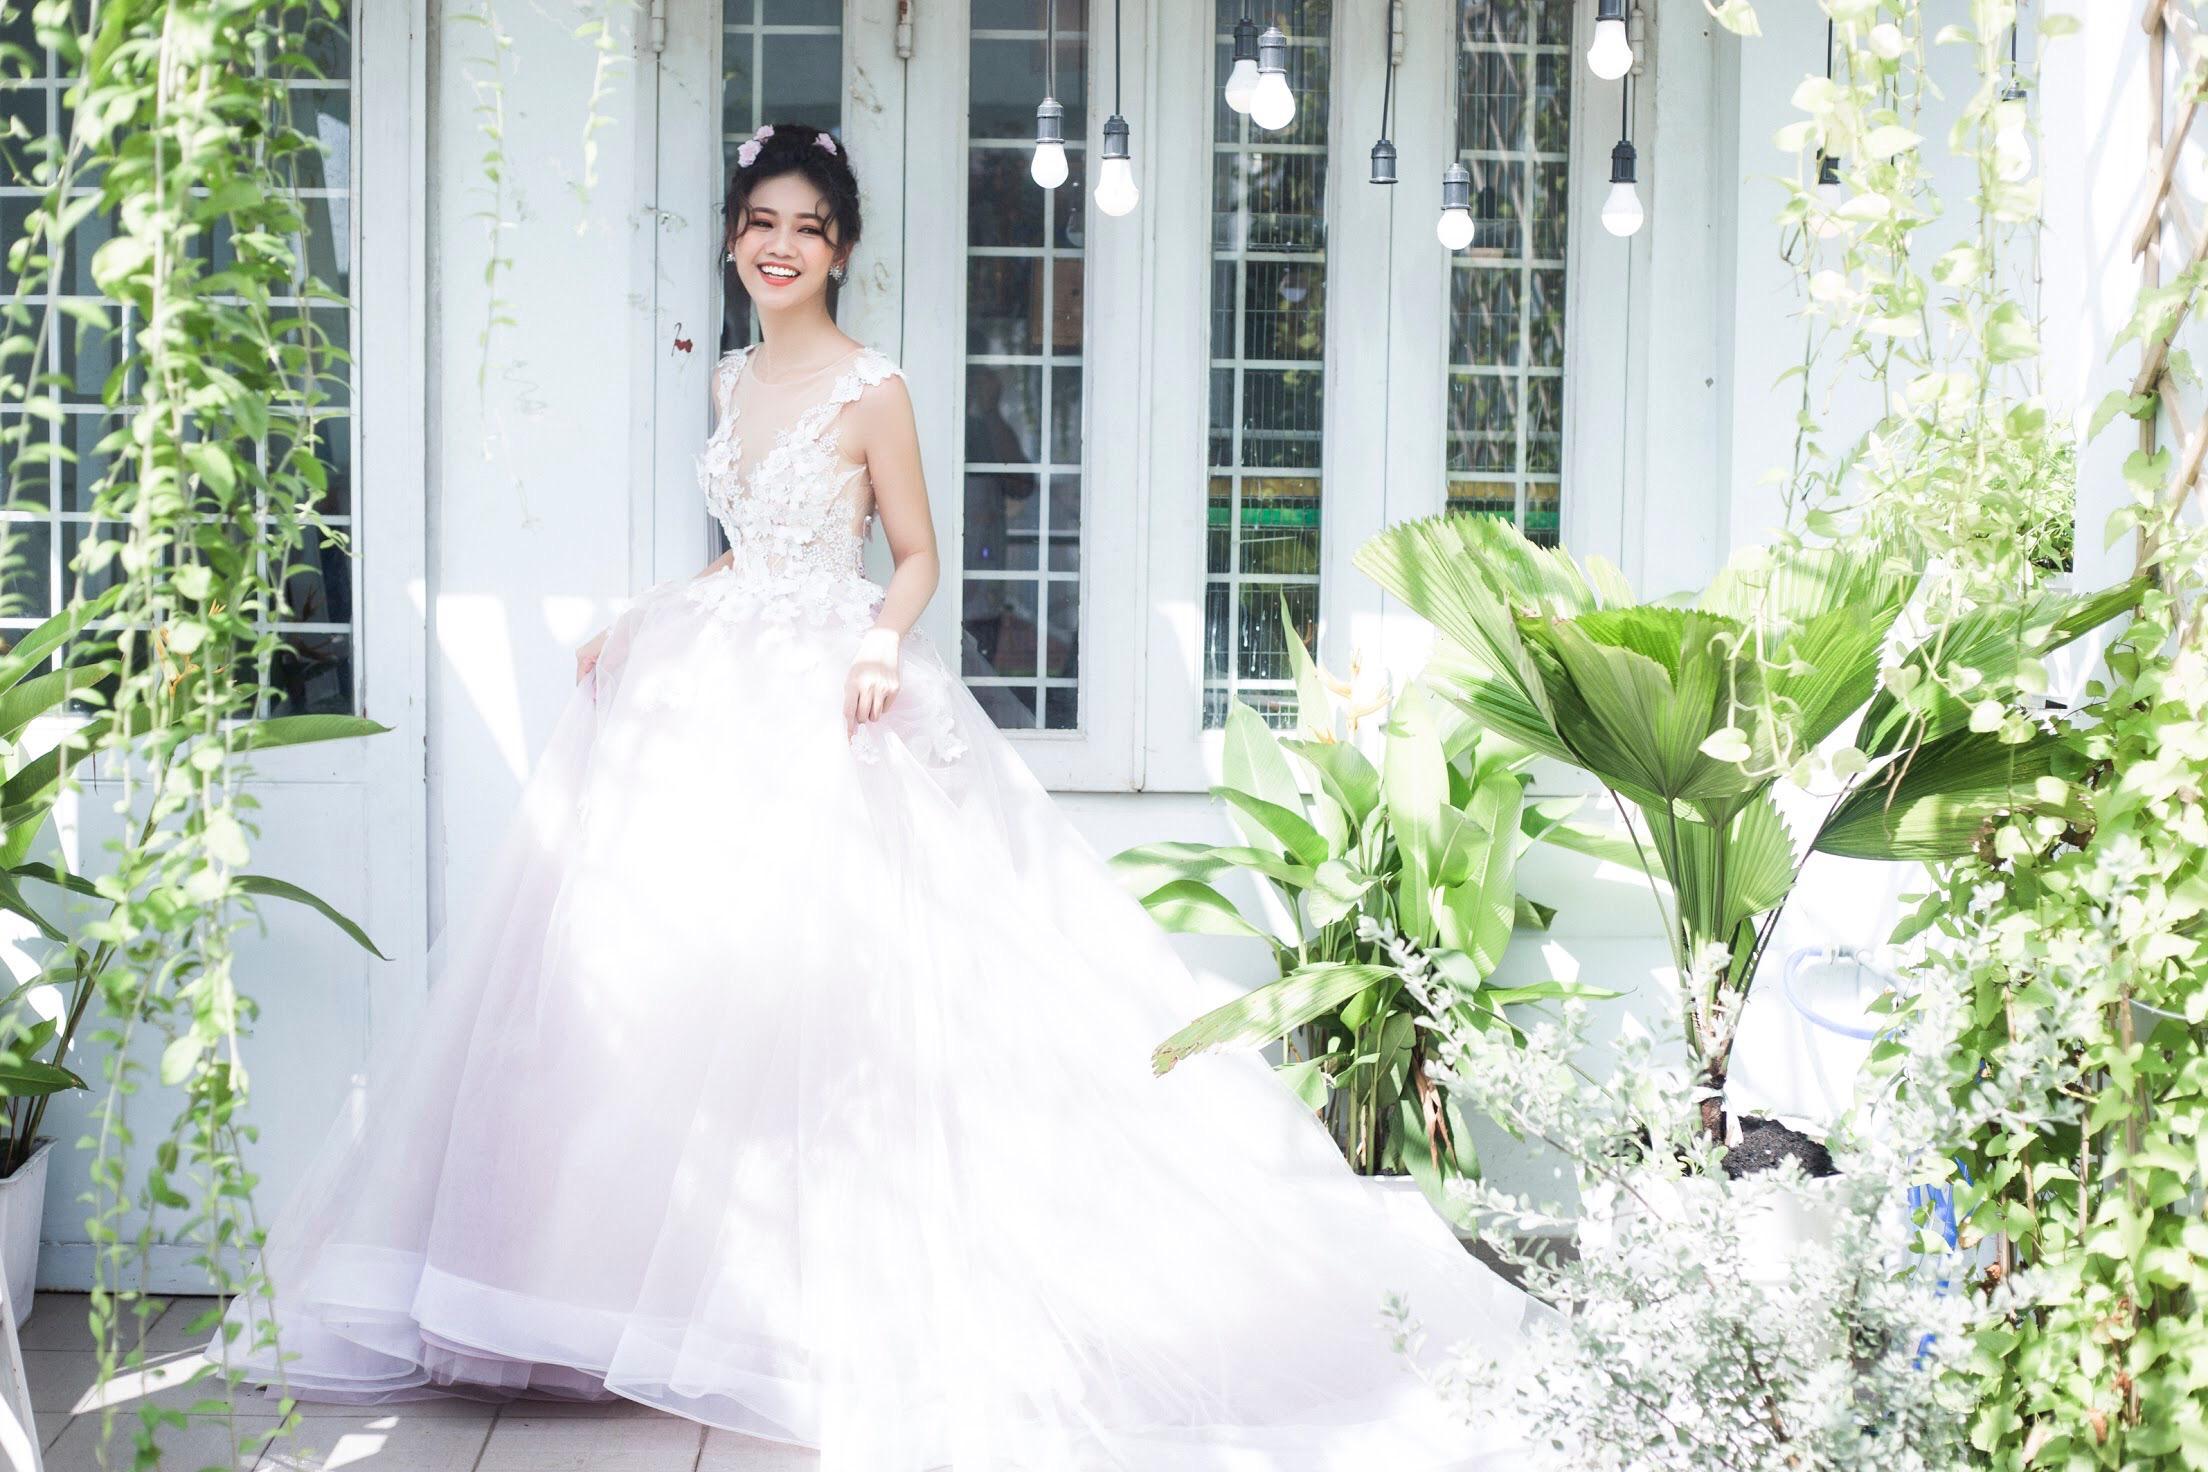 Á hậu  Ngô Thanh Thanh Tú bỗng hóa cô dâu vạn người mê 9